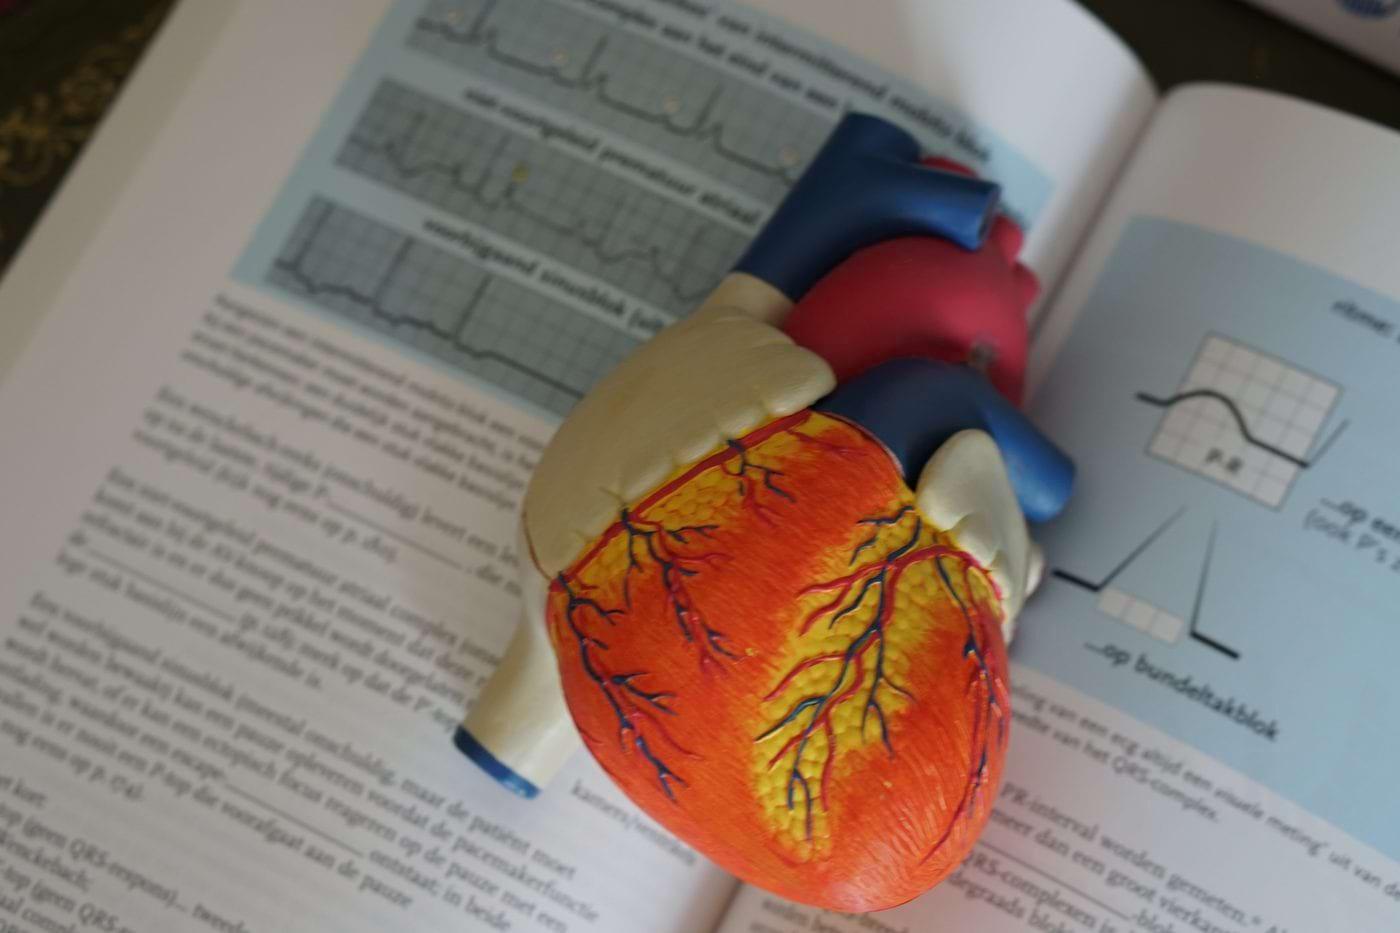 Reducerea colesterolului scade riscul de boli cardiovasculare [studiu]